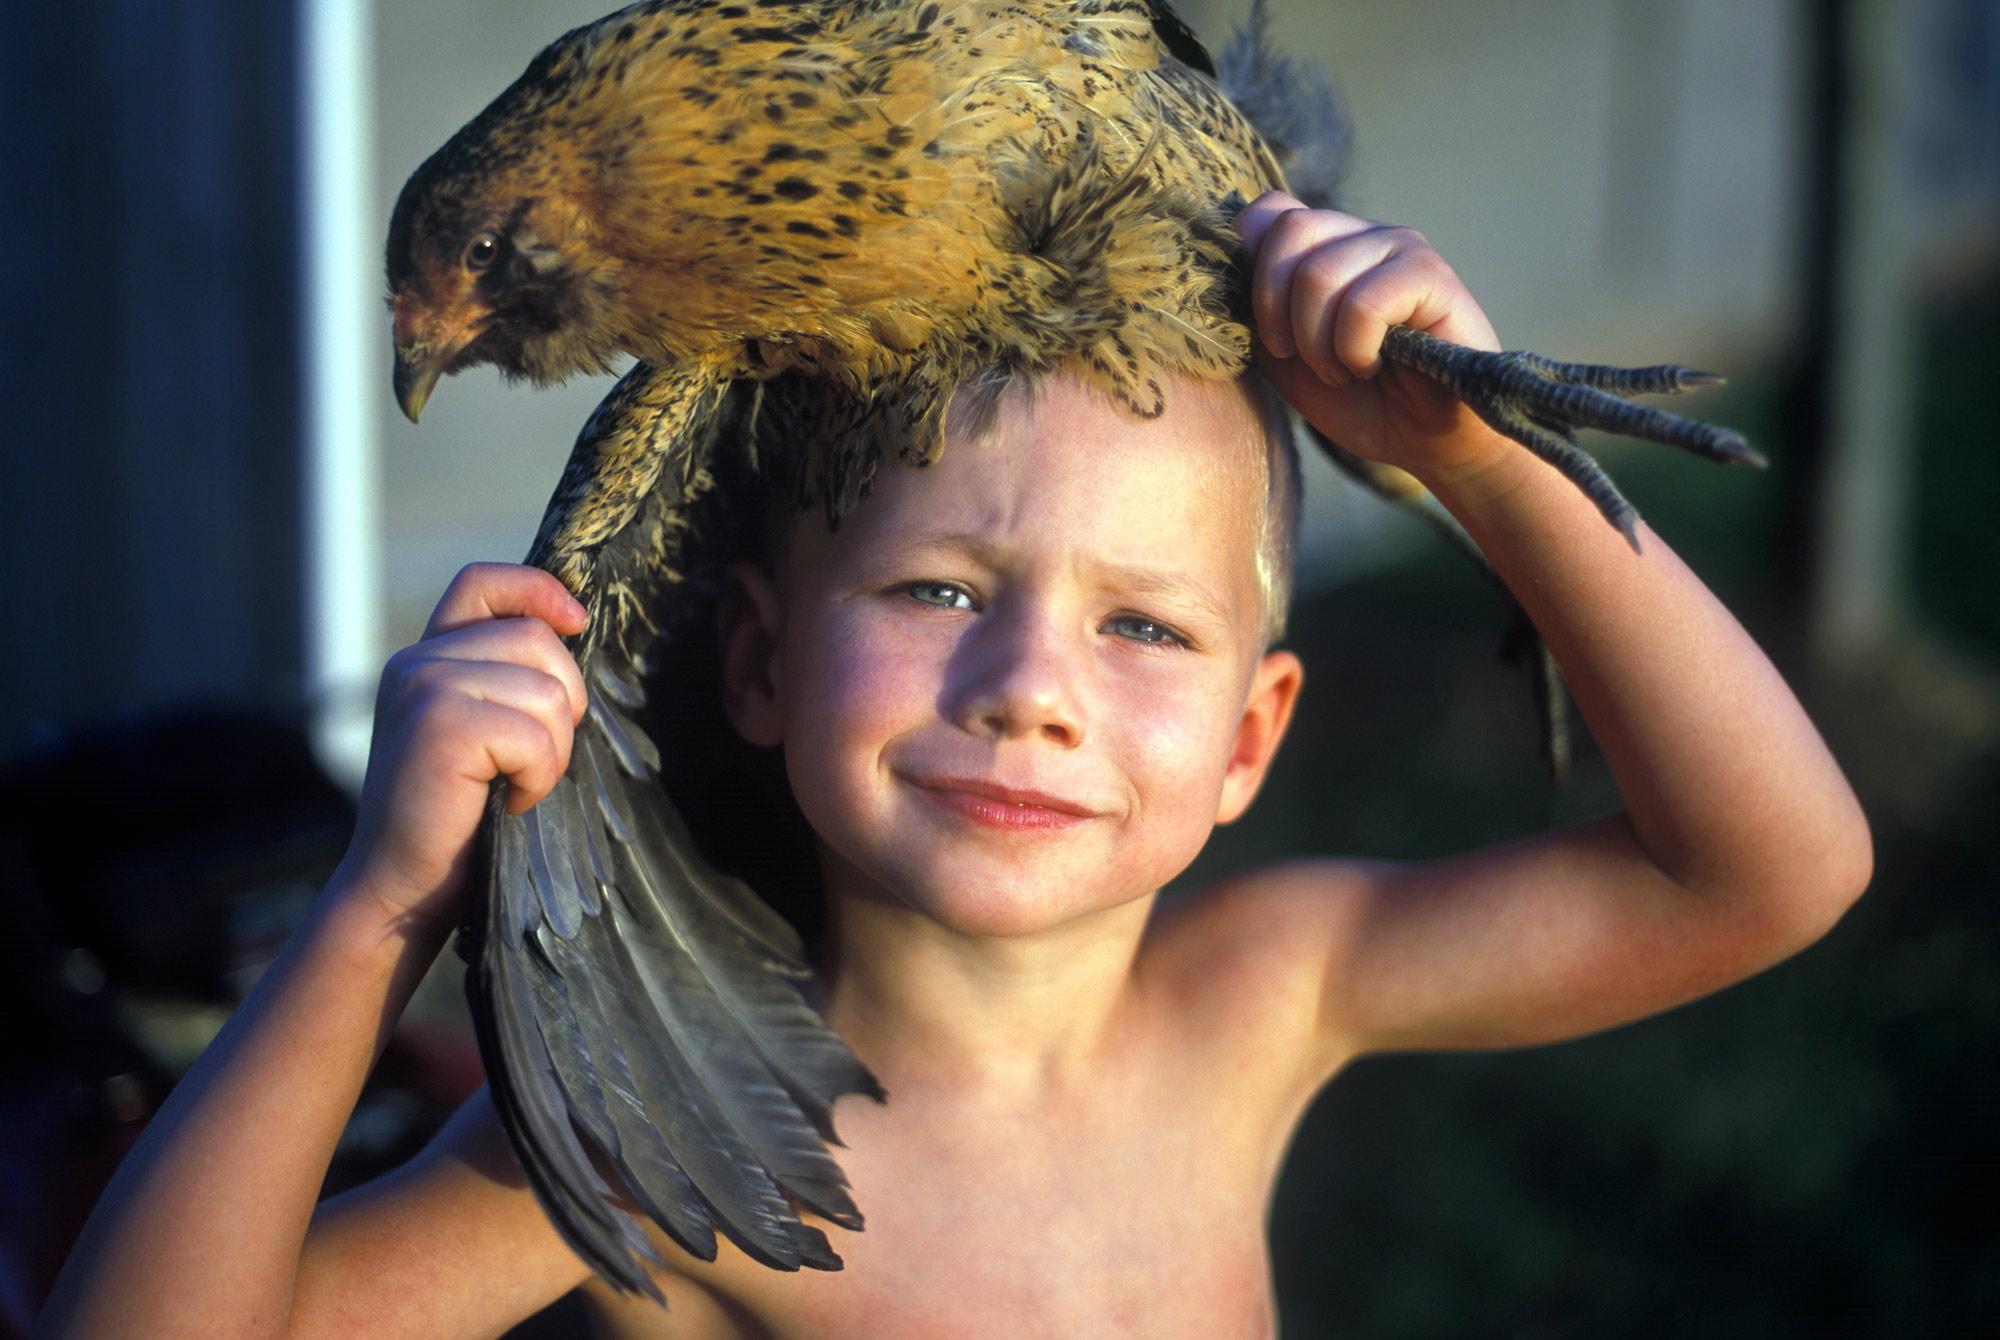 _ChickenBoy.jpg